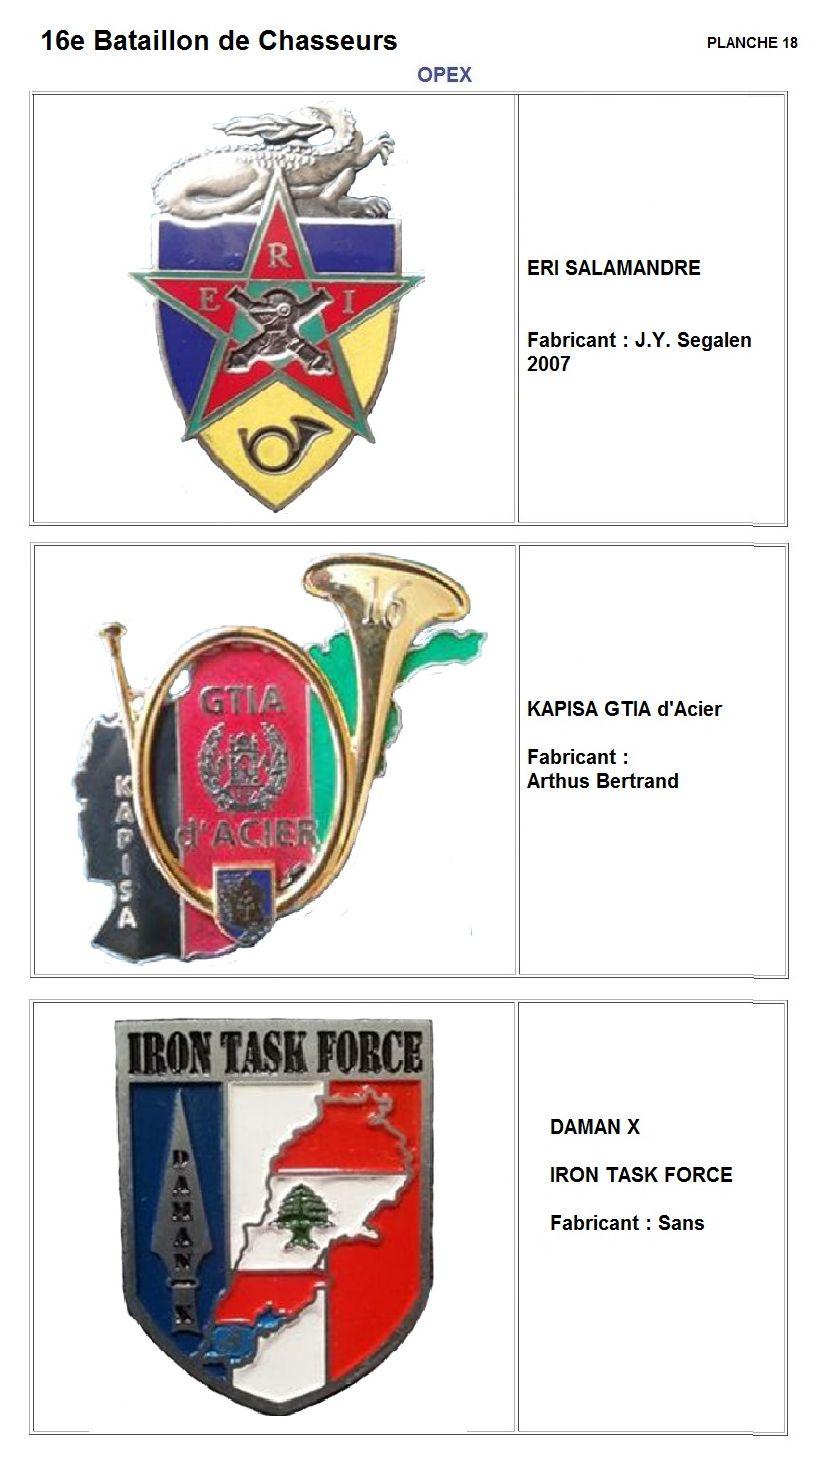 Les insignes de bataillons- Mise à jour... - Page 2 16e_pl26